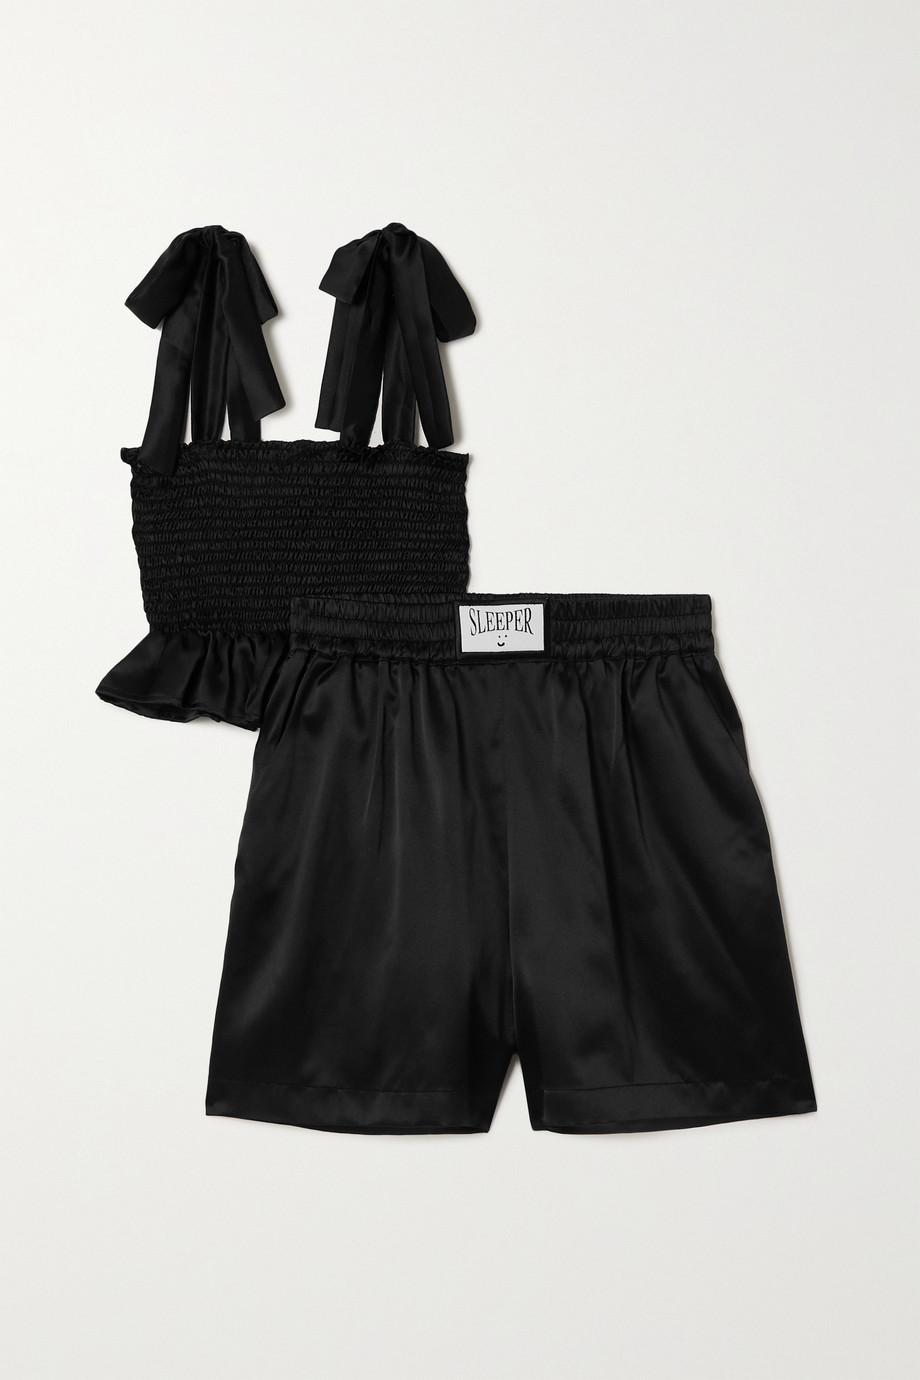 Sleeper Tender Fighter Pyjama aus Seidensatin mit Raffungen und Rüschen